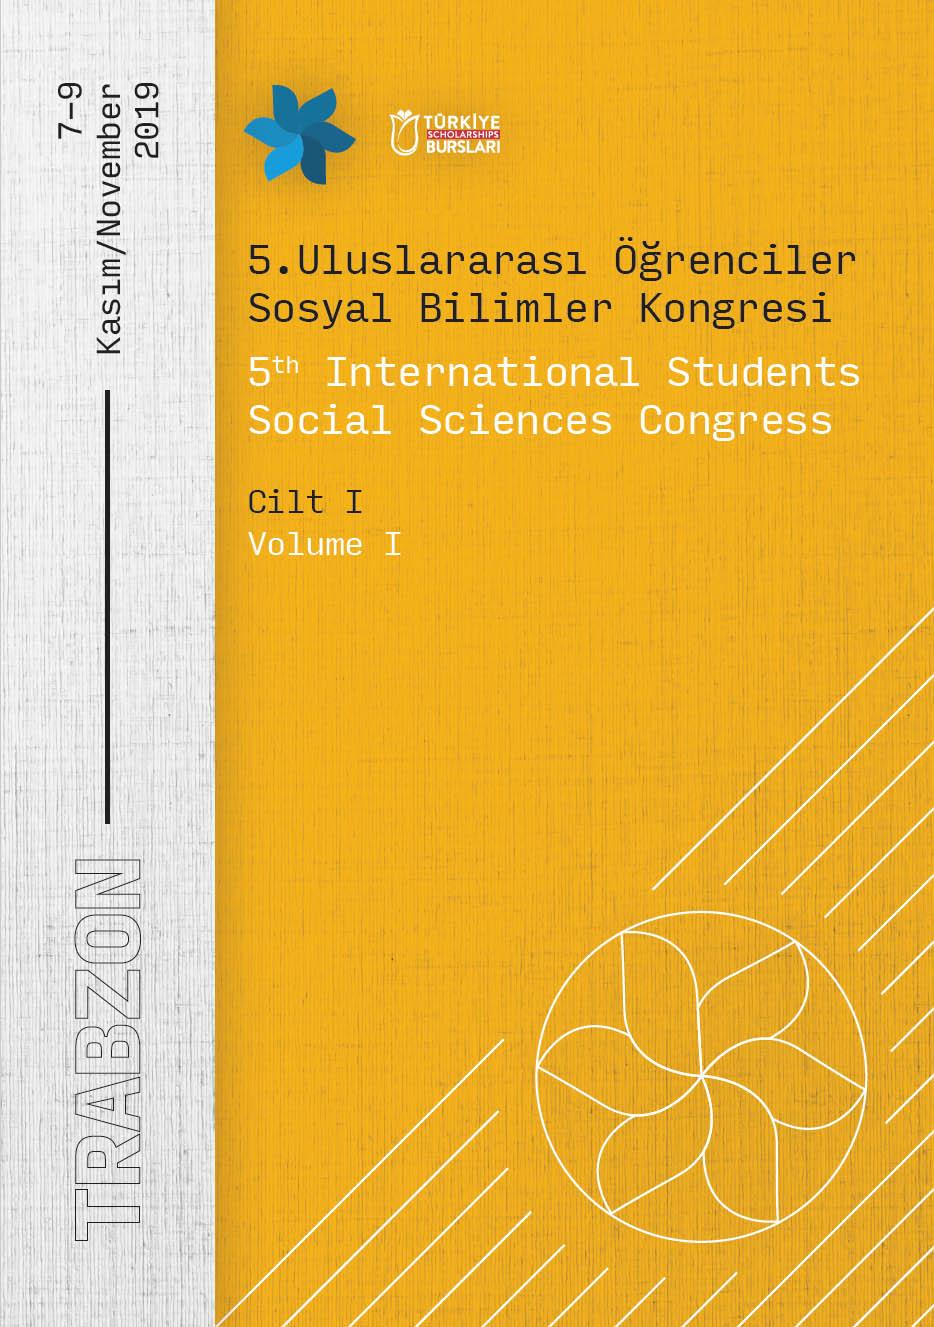 5. Uluslararası Öğrenciler Sosyal Bilimler Kongresi Bildiriler Kitabı